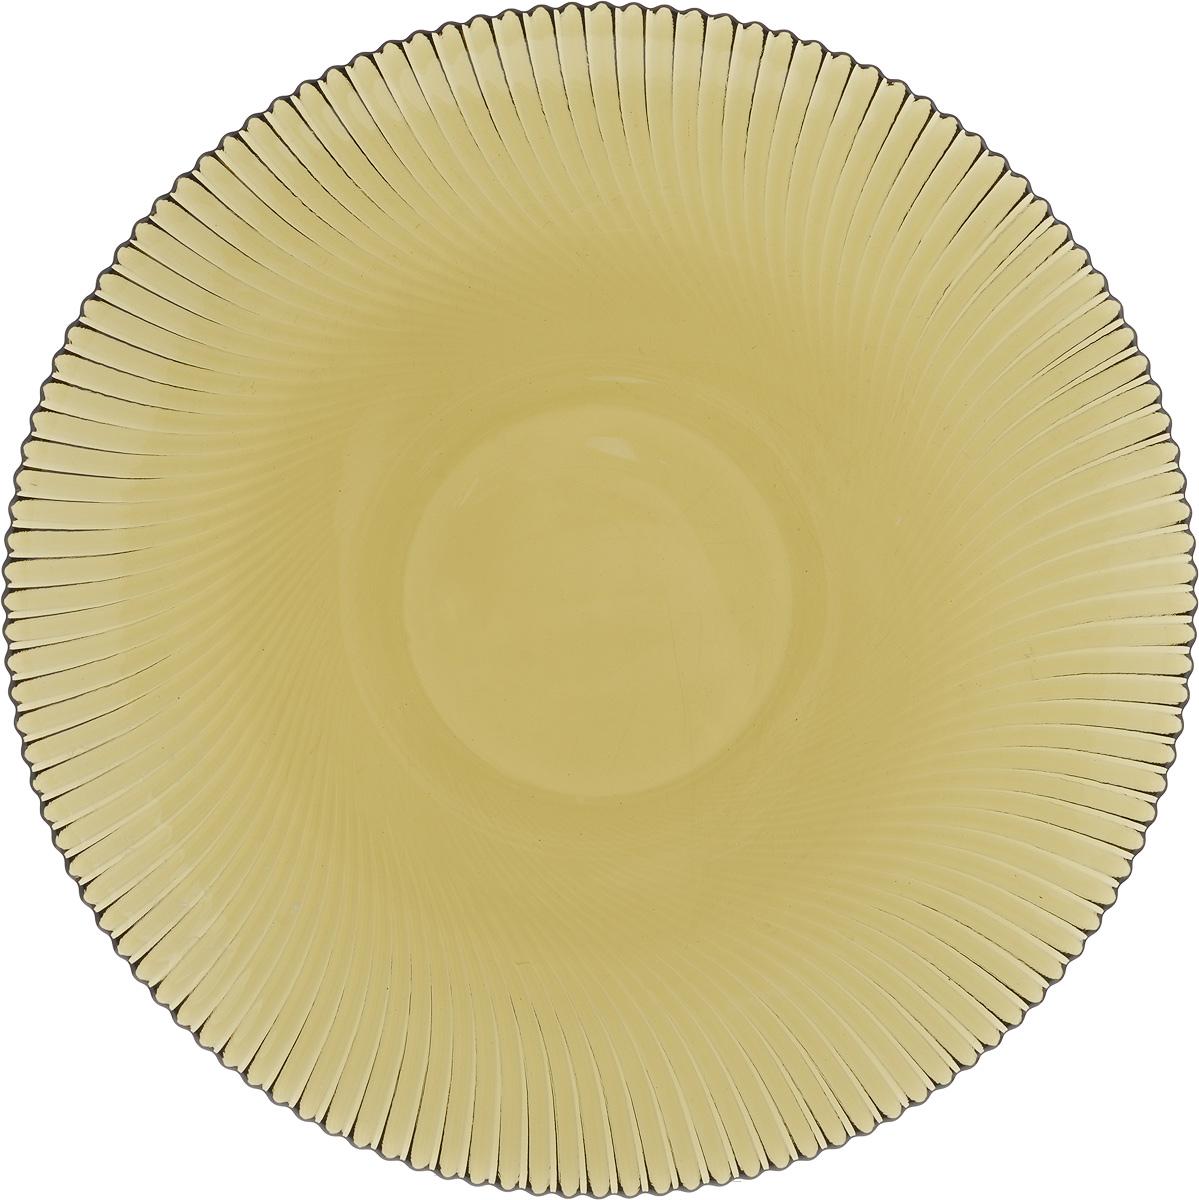 Тарелка NiNaGlass Альтера, цвет: дымчатый, диаметр 26 смVT-1520(SR)Тарелка NiNaGlass Альтера выполнена из высококачественного стекла и оформлена красивым рельефным узором. Тарелка идеальна для подачи вторых блюд, а также сервировки закусок, нарезок, десертов и многого другого. Она отлично подойдет как для повседневных, так и для торжественных случаев.Такая тарелка прекрасно впишется в интерьер вашей кухни и станет достойным дополнением к кухонному инвентарю.